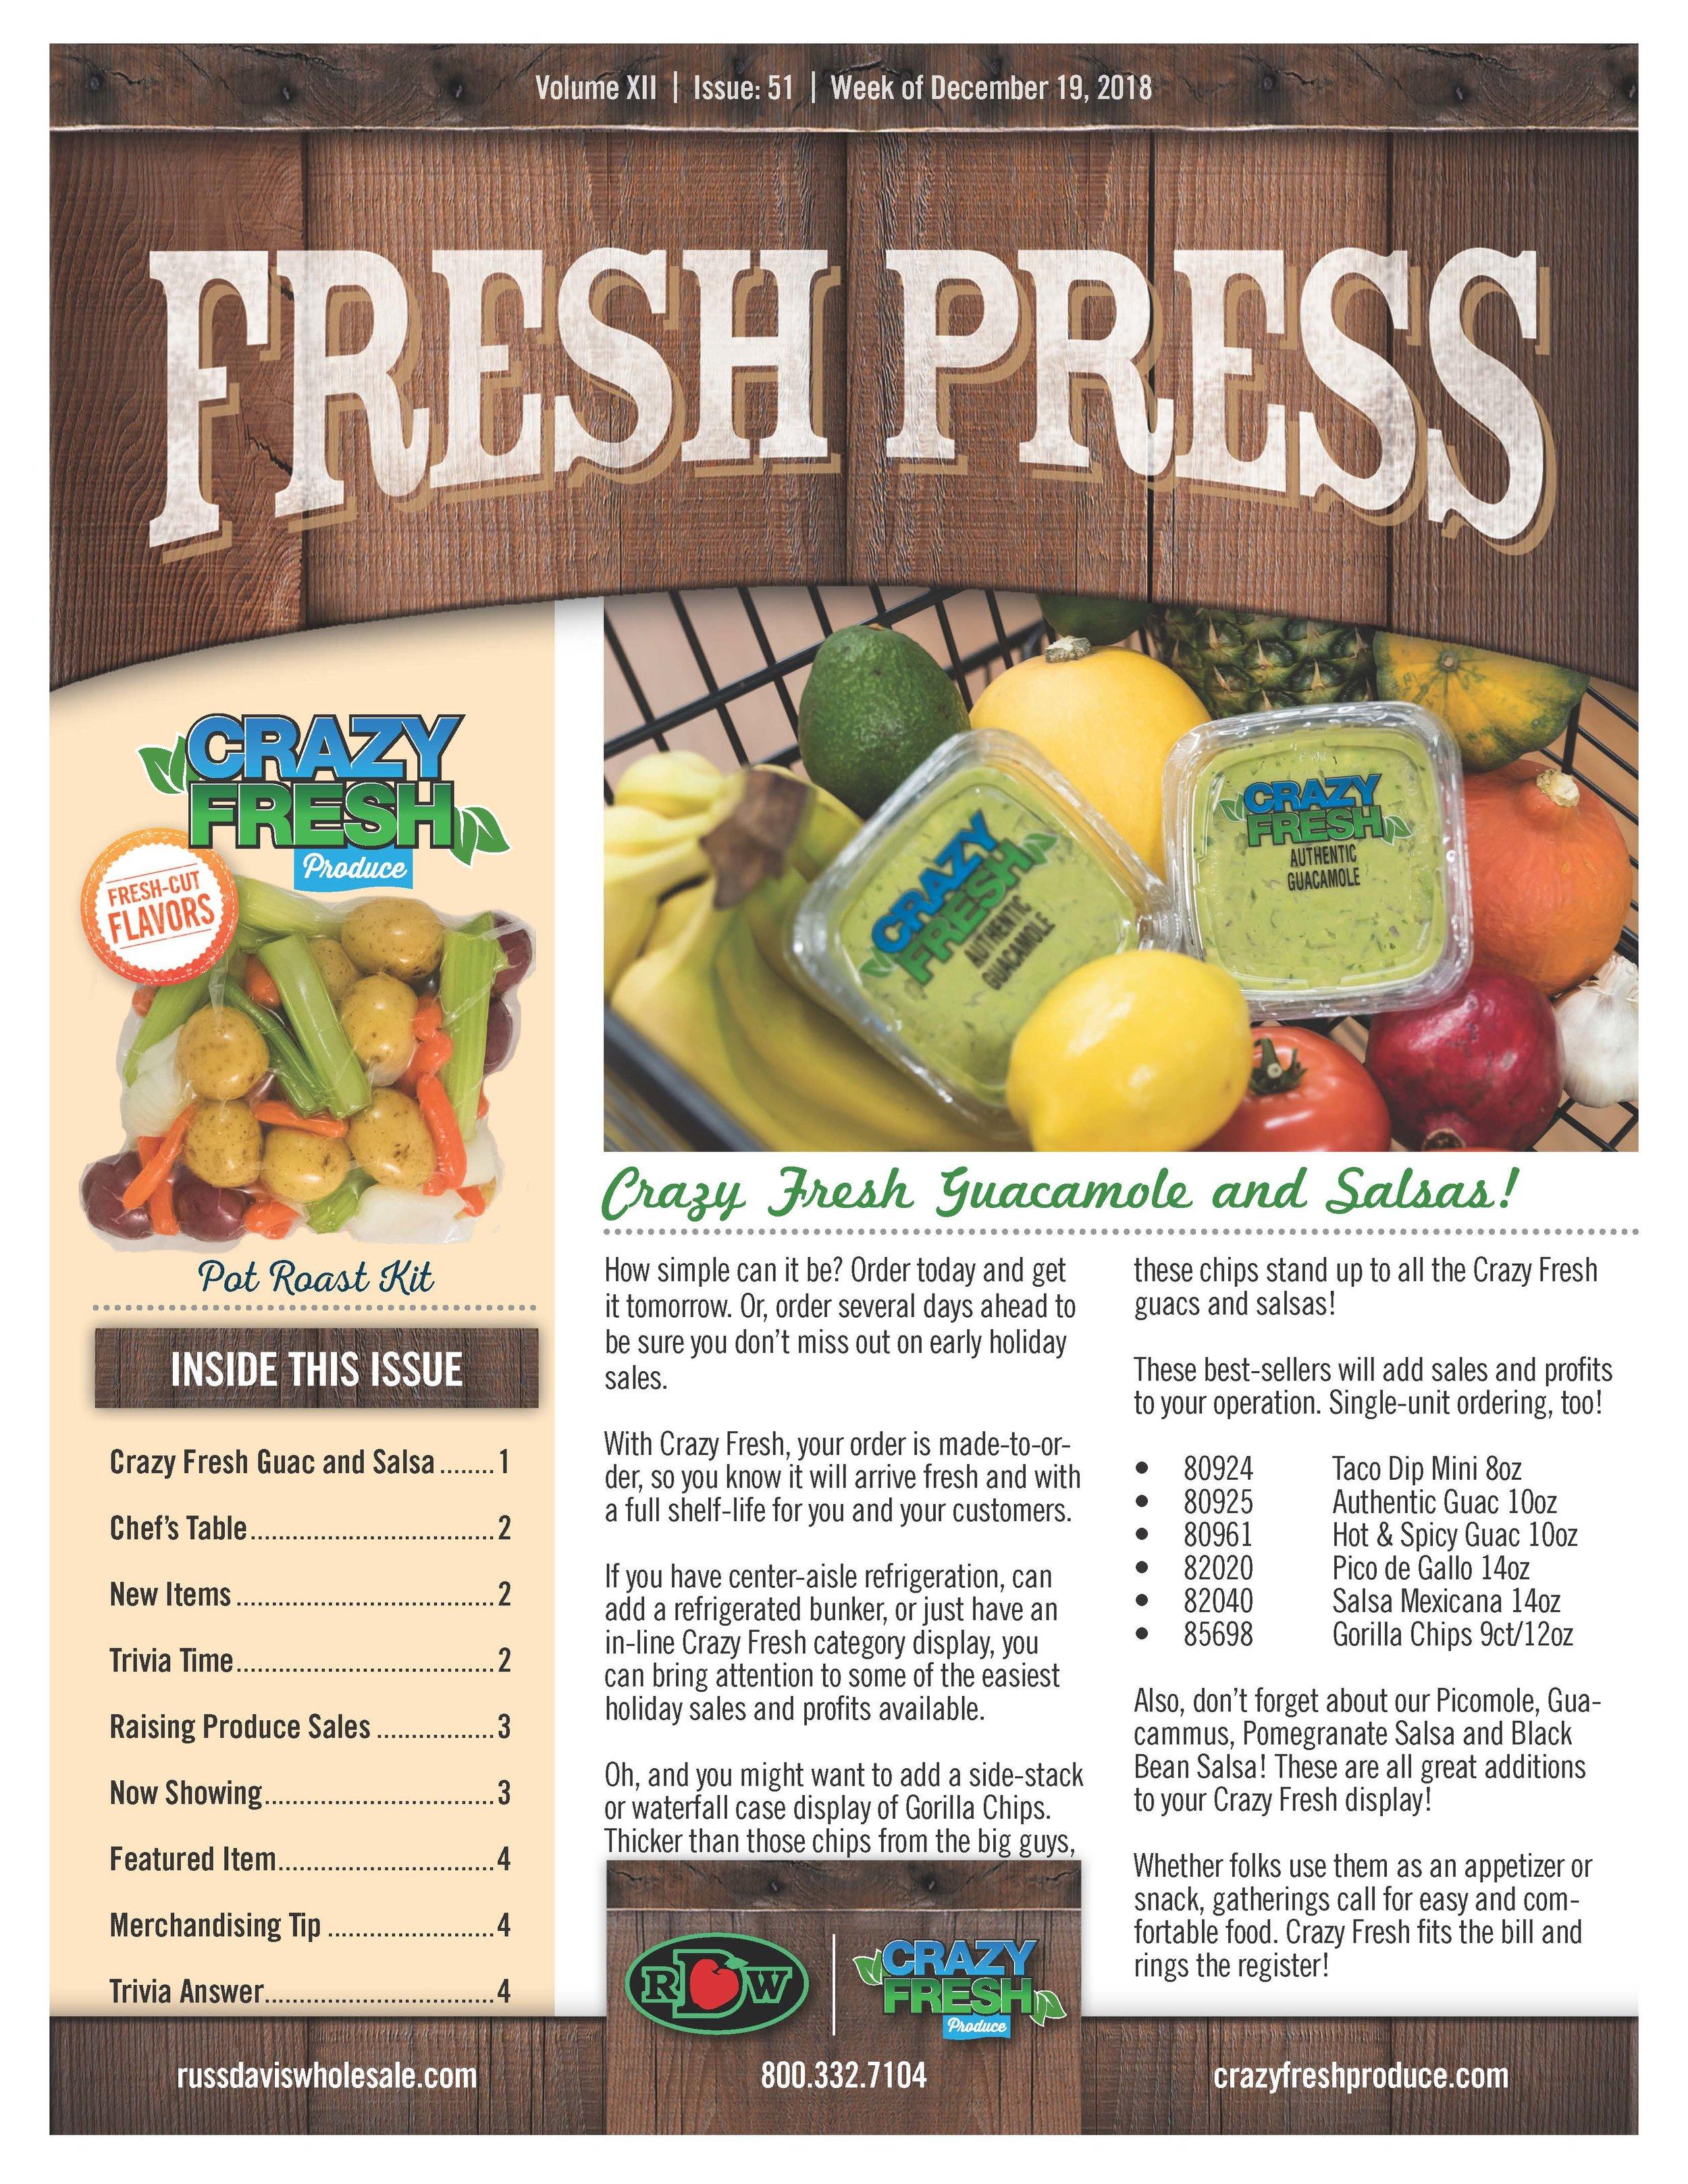 RDW_Fresh_Press_Dec19_2018_Page_1.jpg